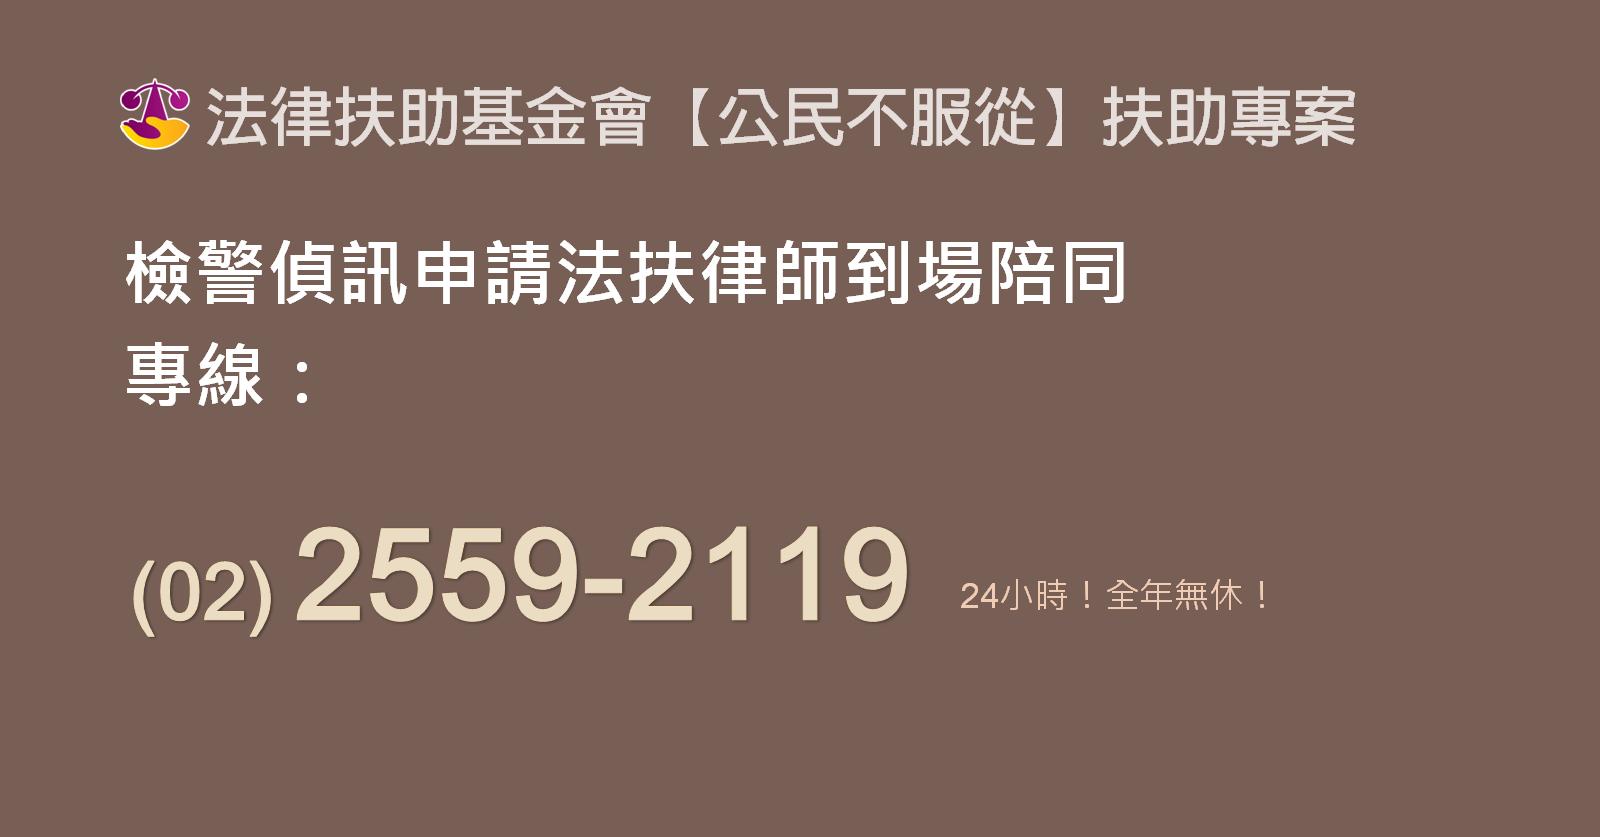 公民不服從扶助專案,如抗爭者因此受警方逮捕需接受偵訊,請撥打(02)2559-2119申請法扶律師到場陪同偵訊!